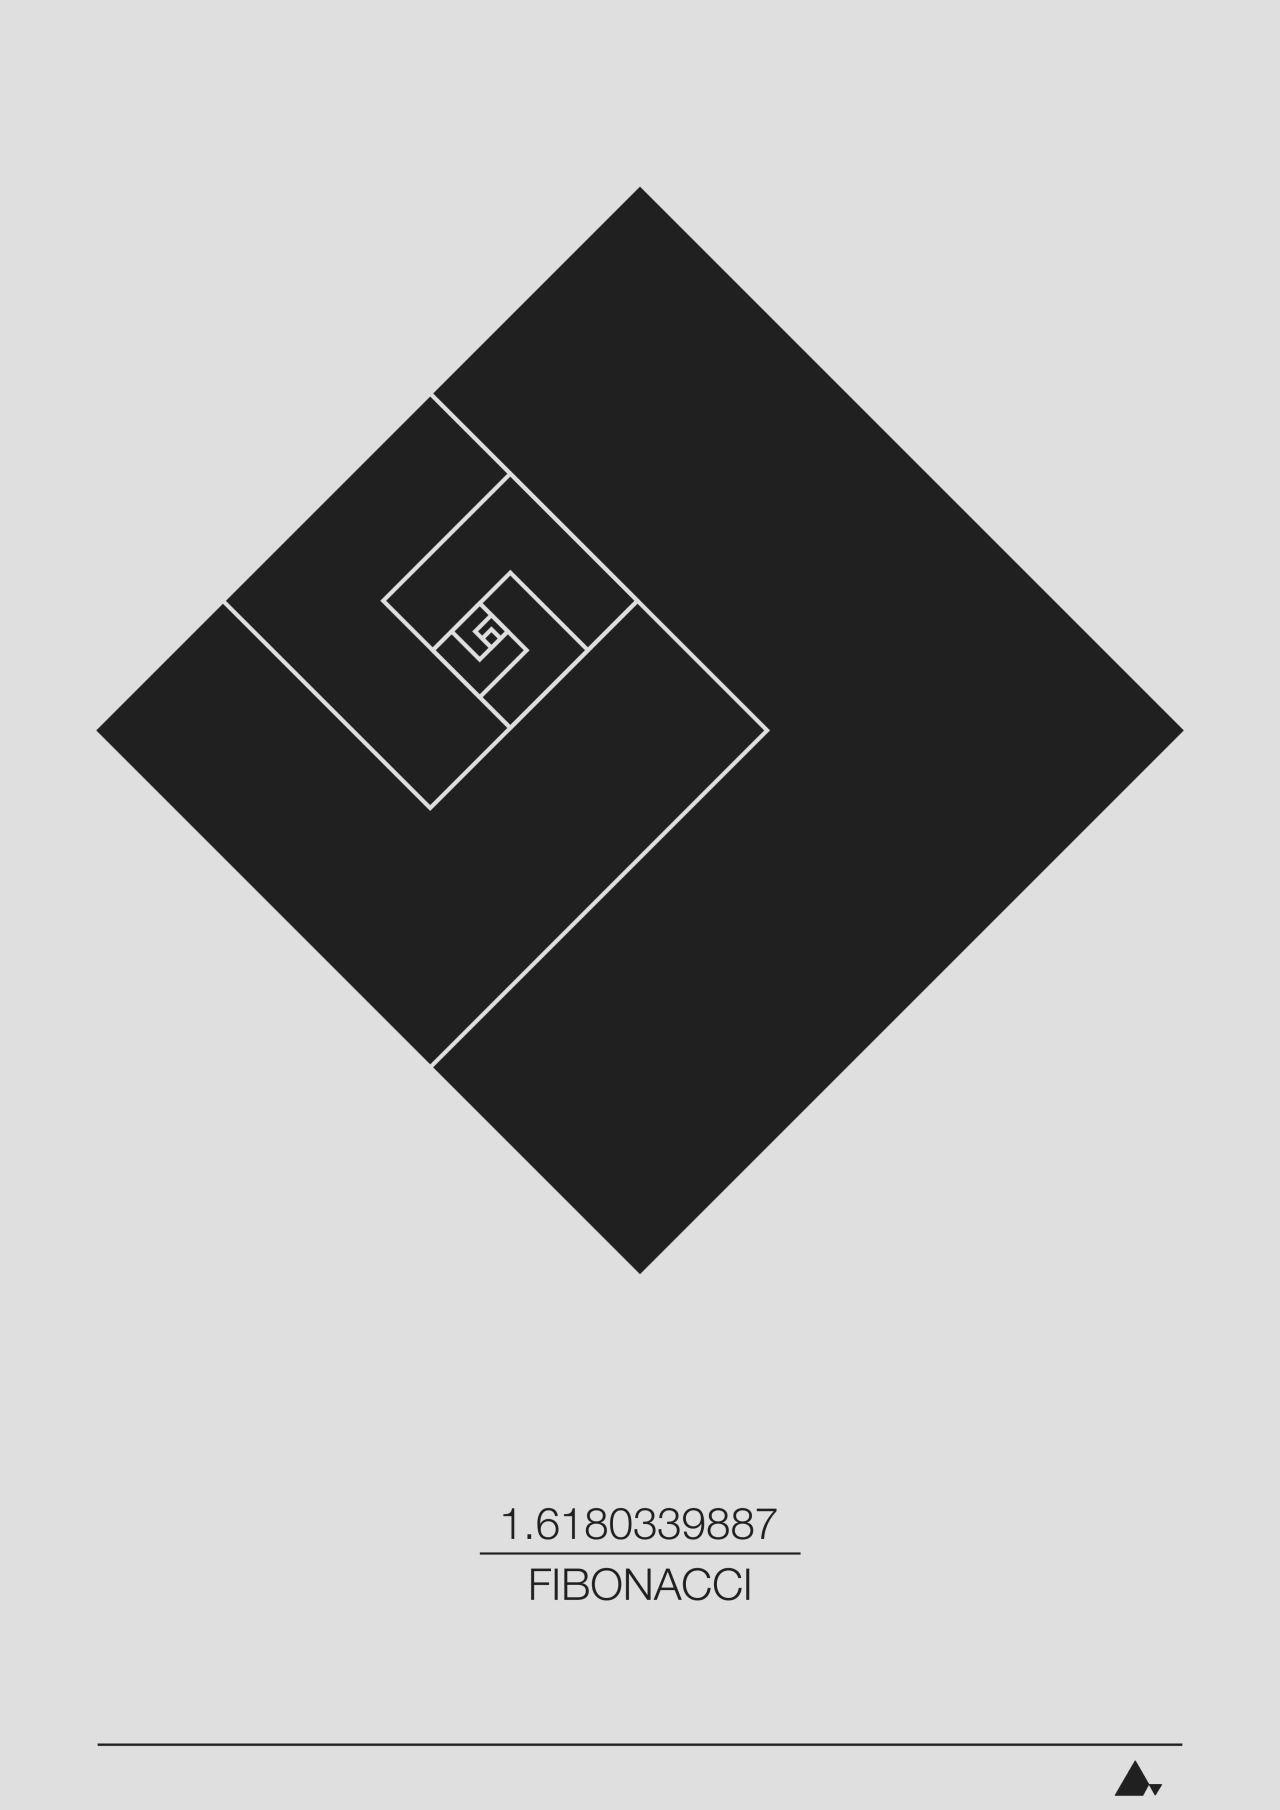 Poster design golden ratio - Geometry